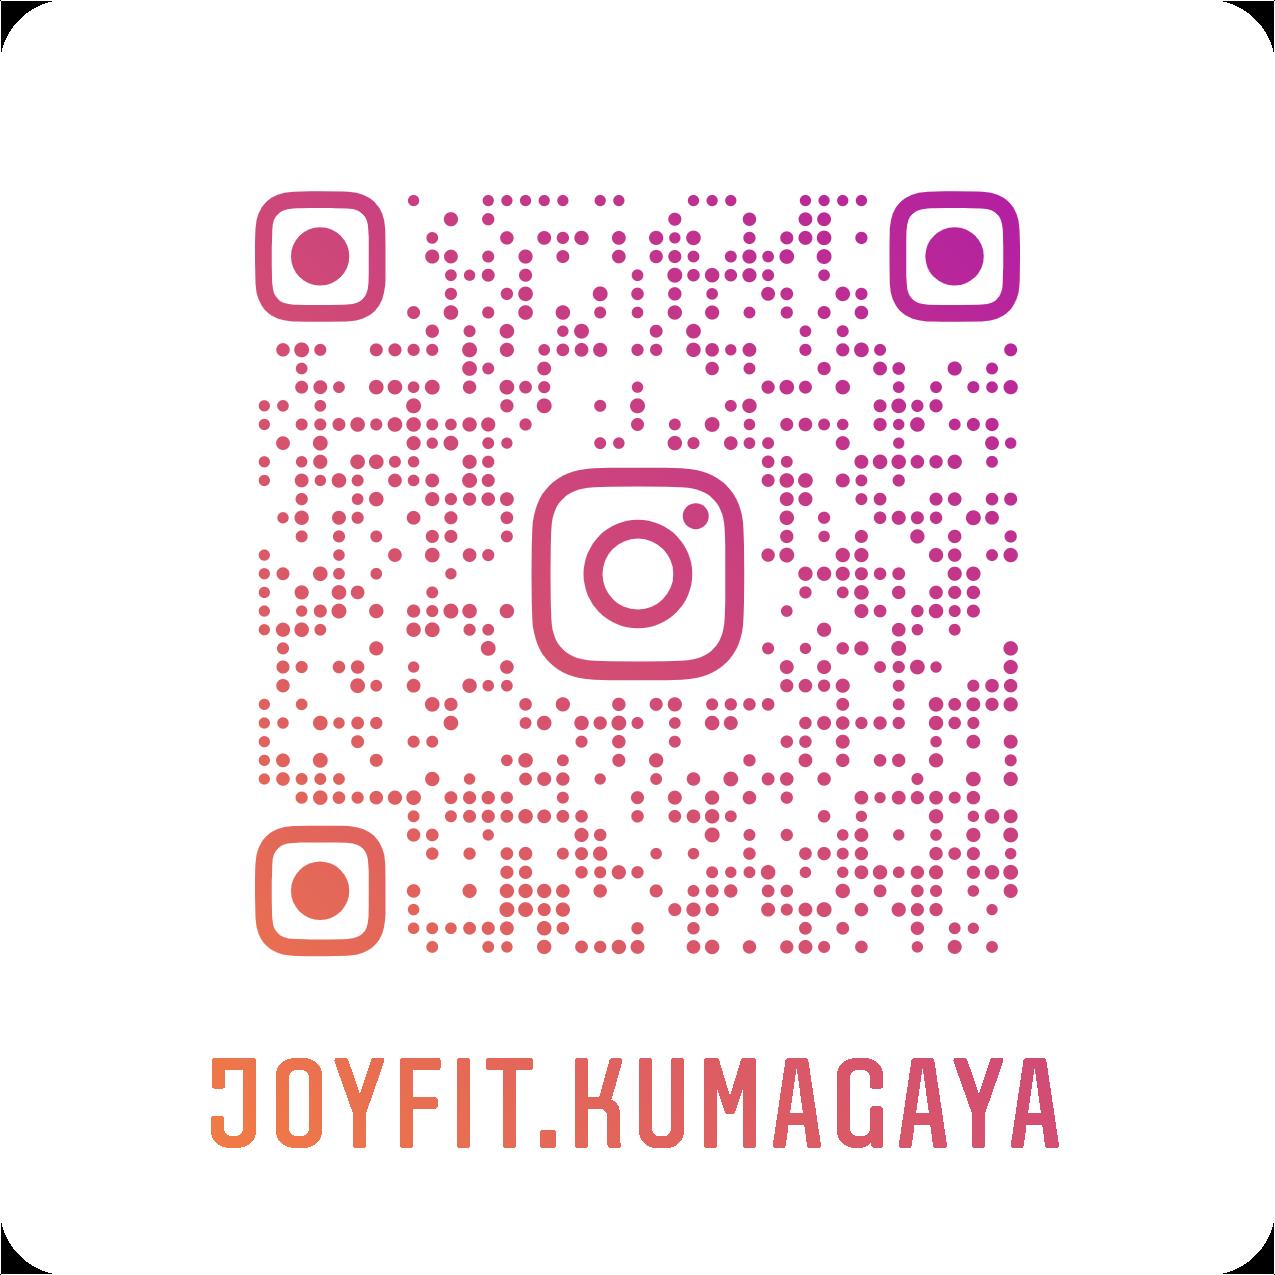 JOYFIT熊谷公式Instagram フィットネスに関するものなど様々な投稿をしております♪